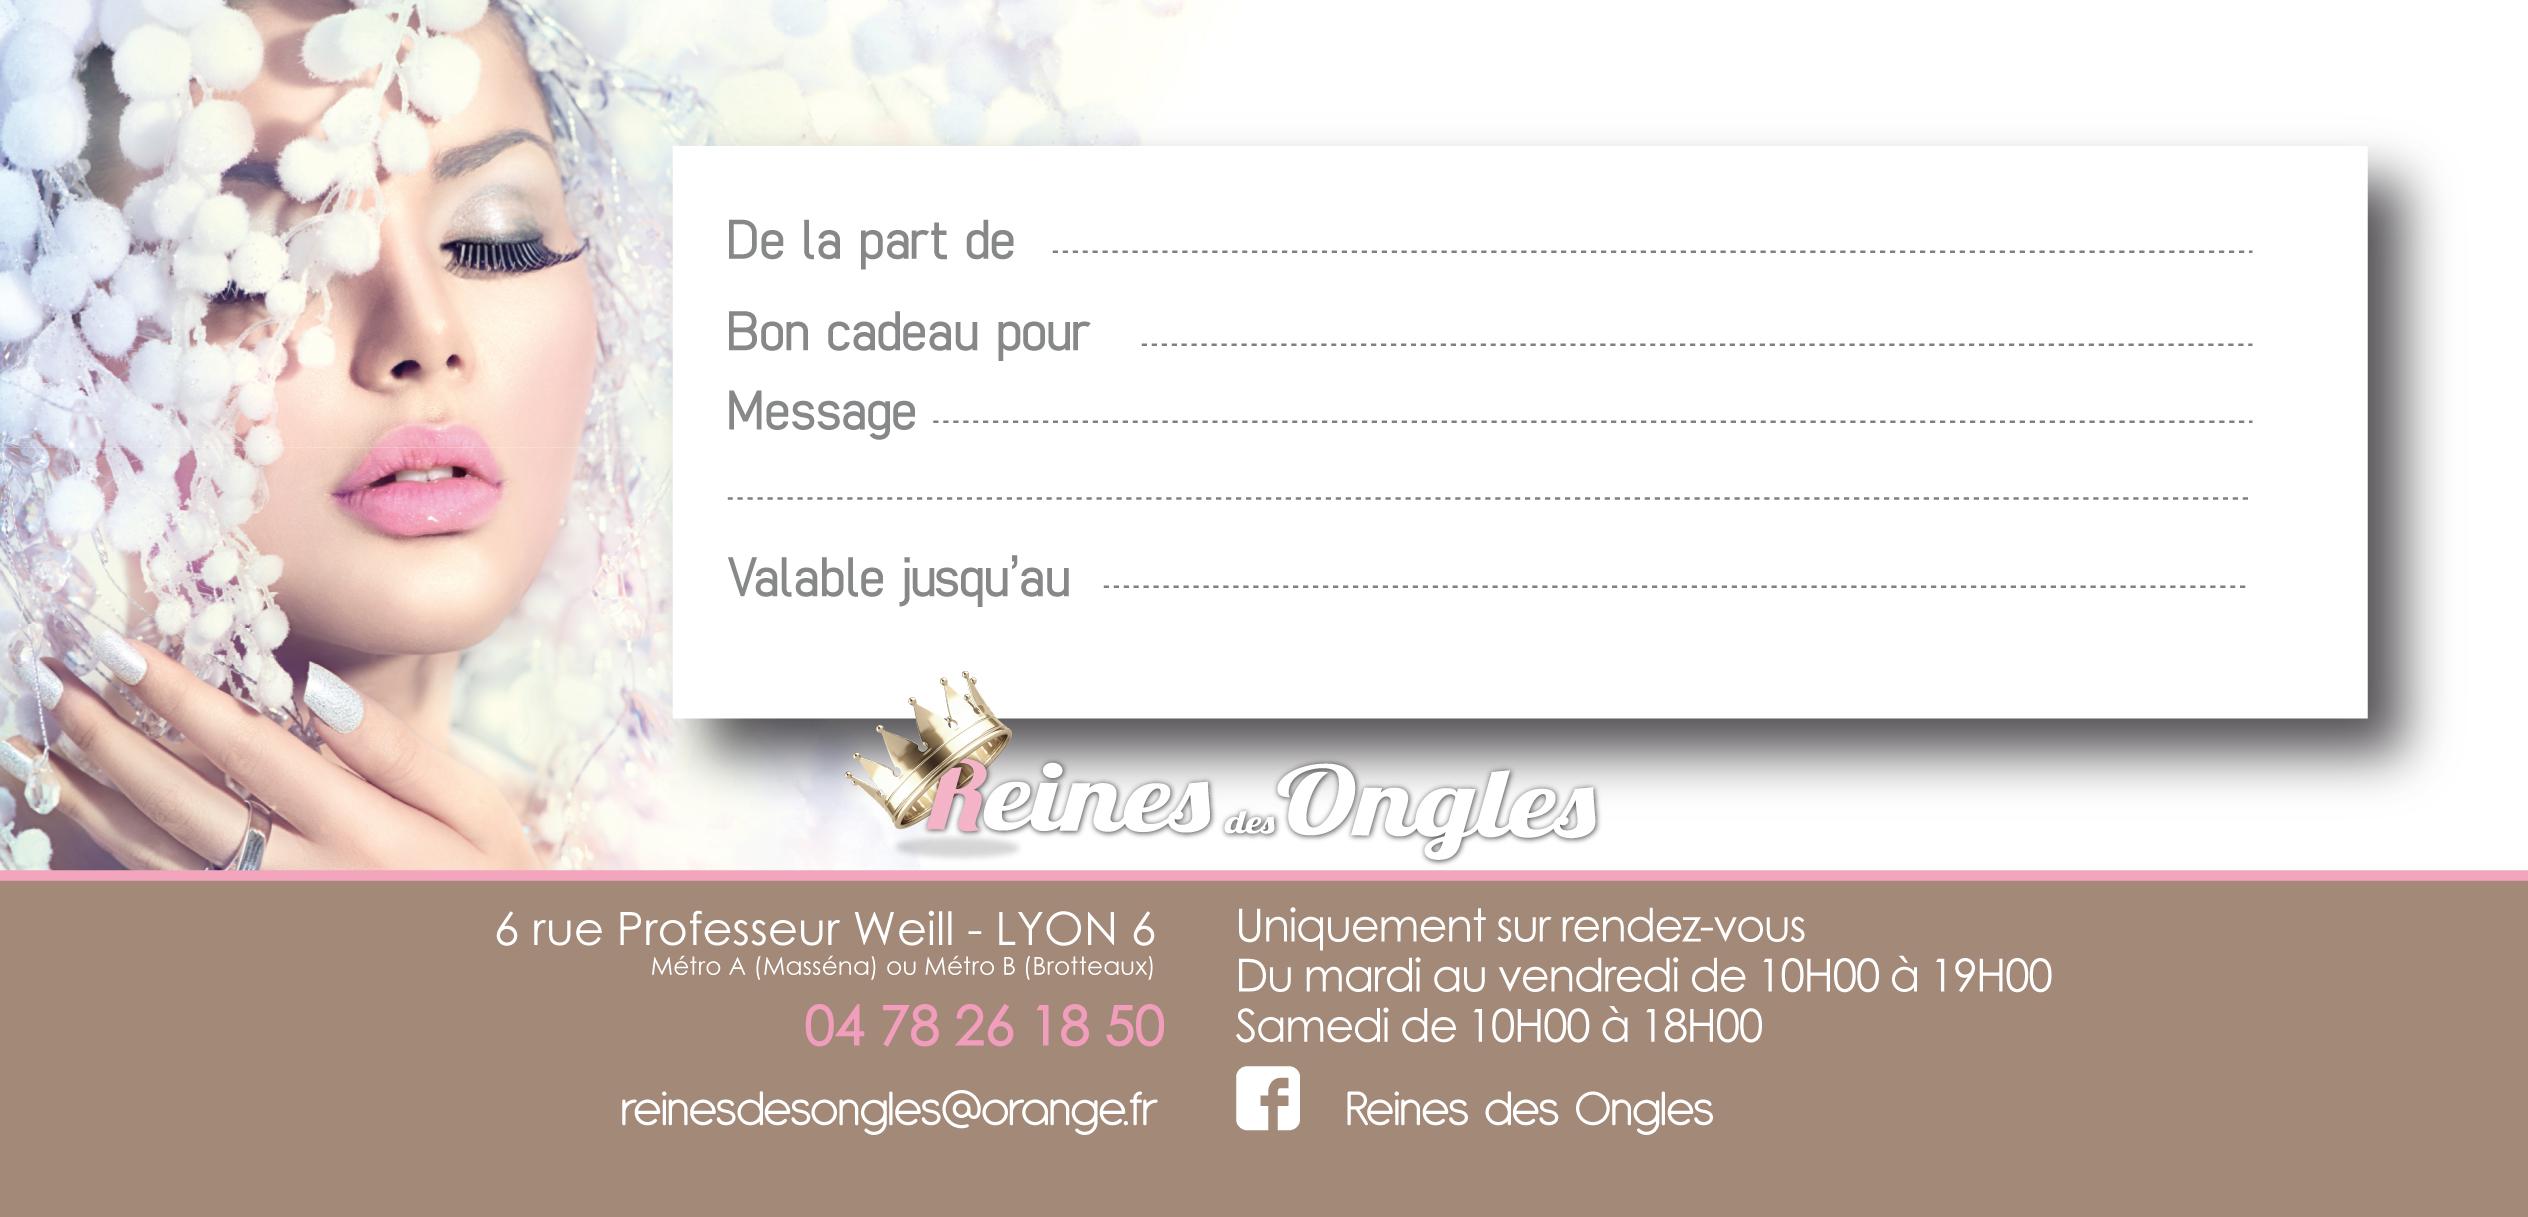 BonCadeau_ReinesDesOngles_V2